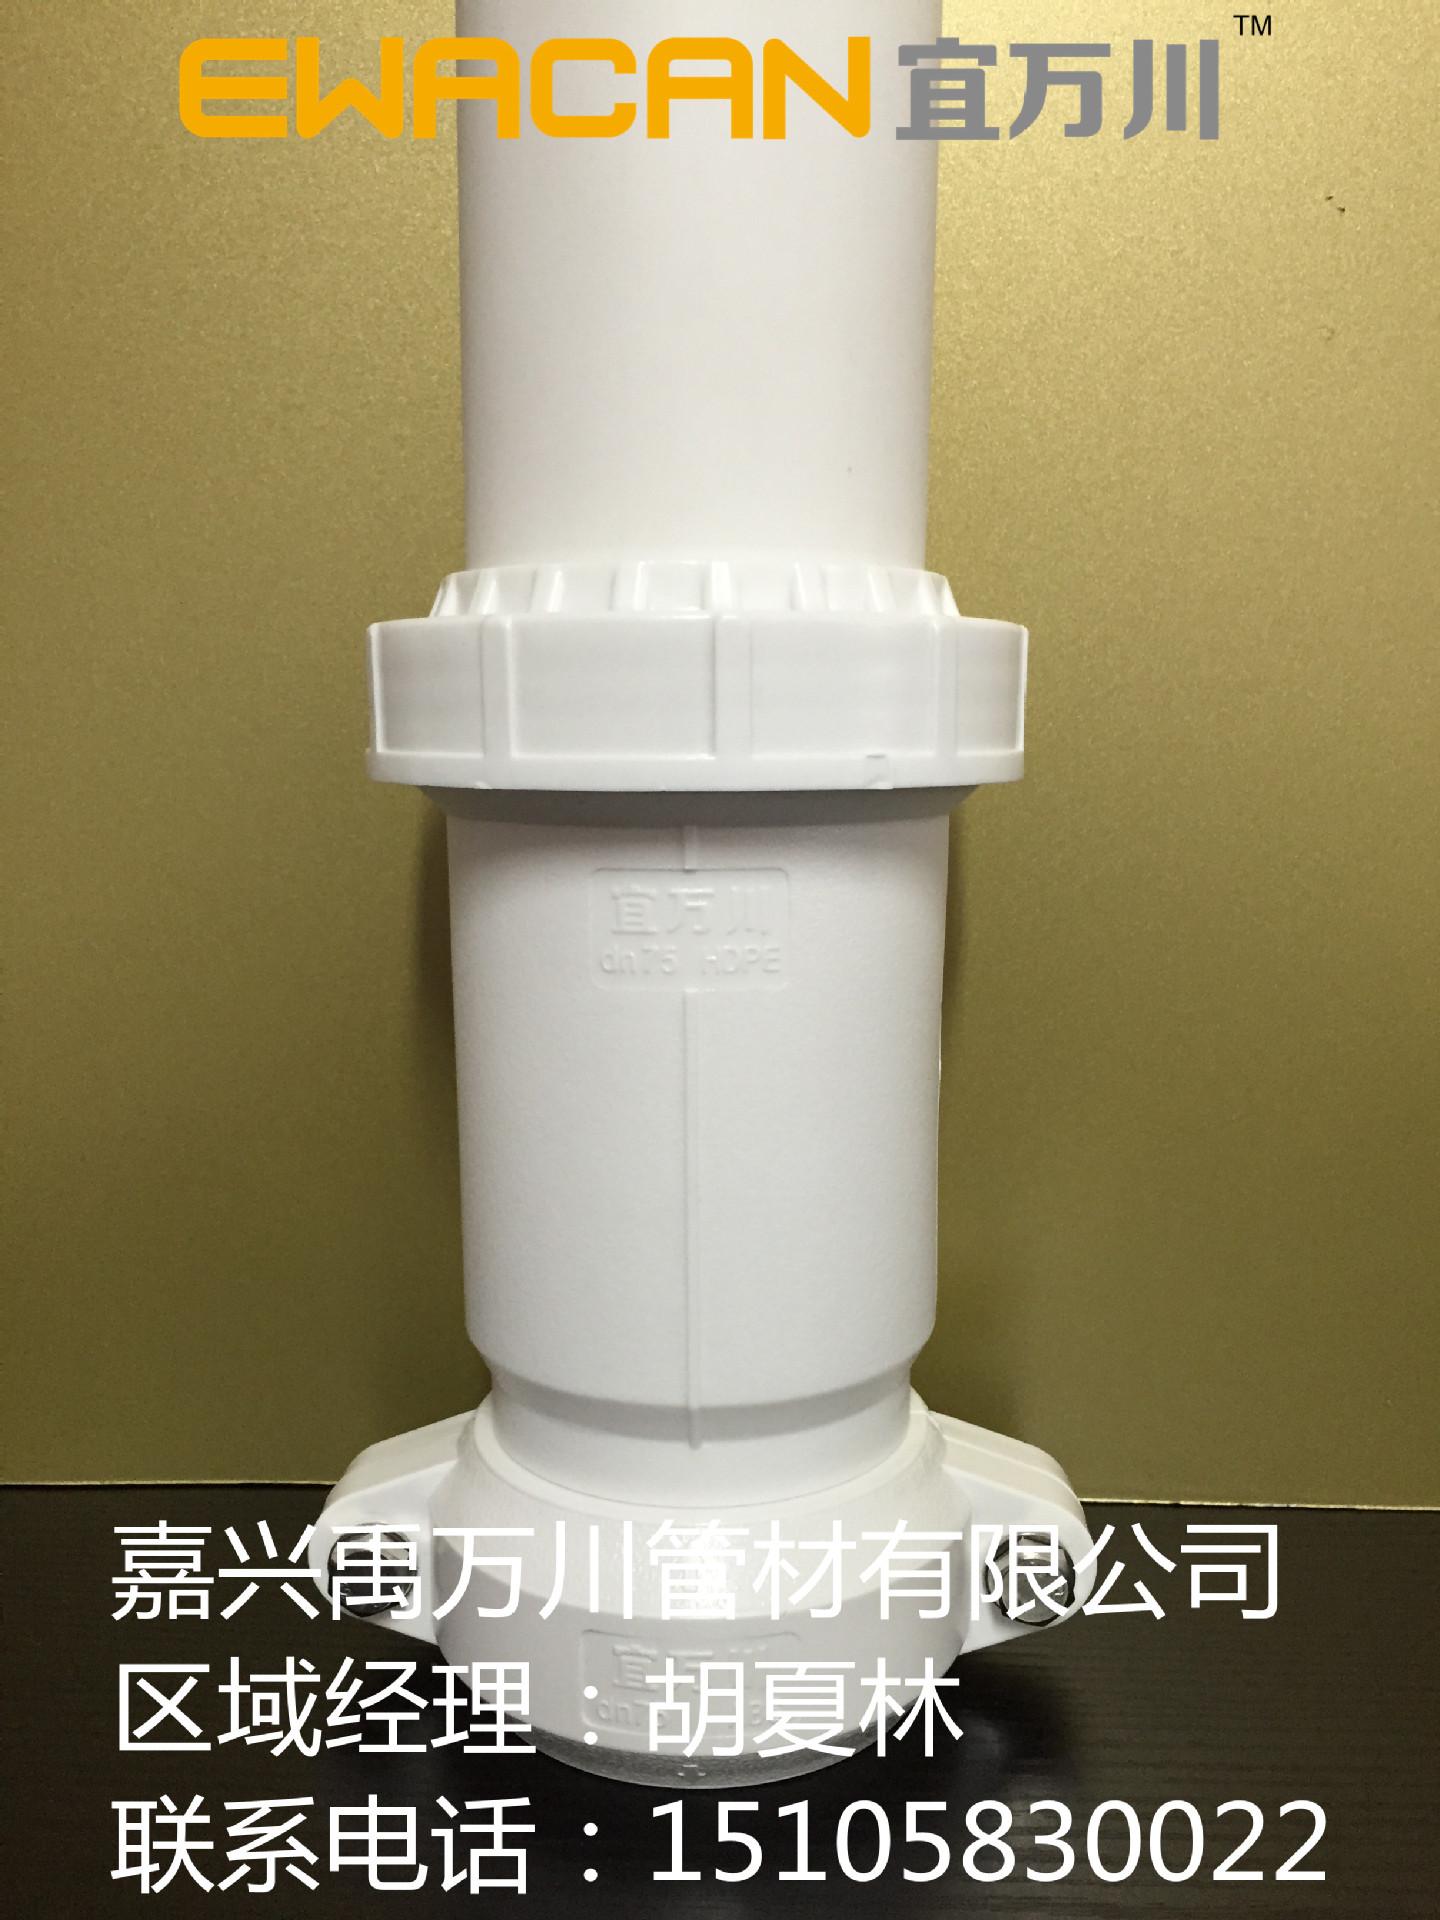 hdpe沟槽式静音排水管,FRPP法兰静音排水管,沟槽PE管,PP管示例图3